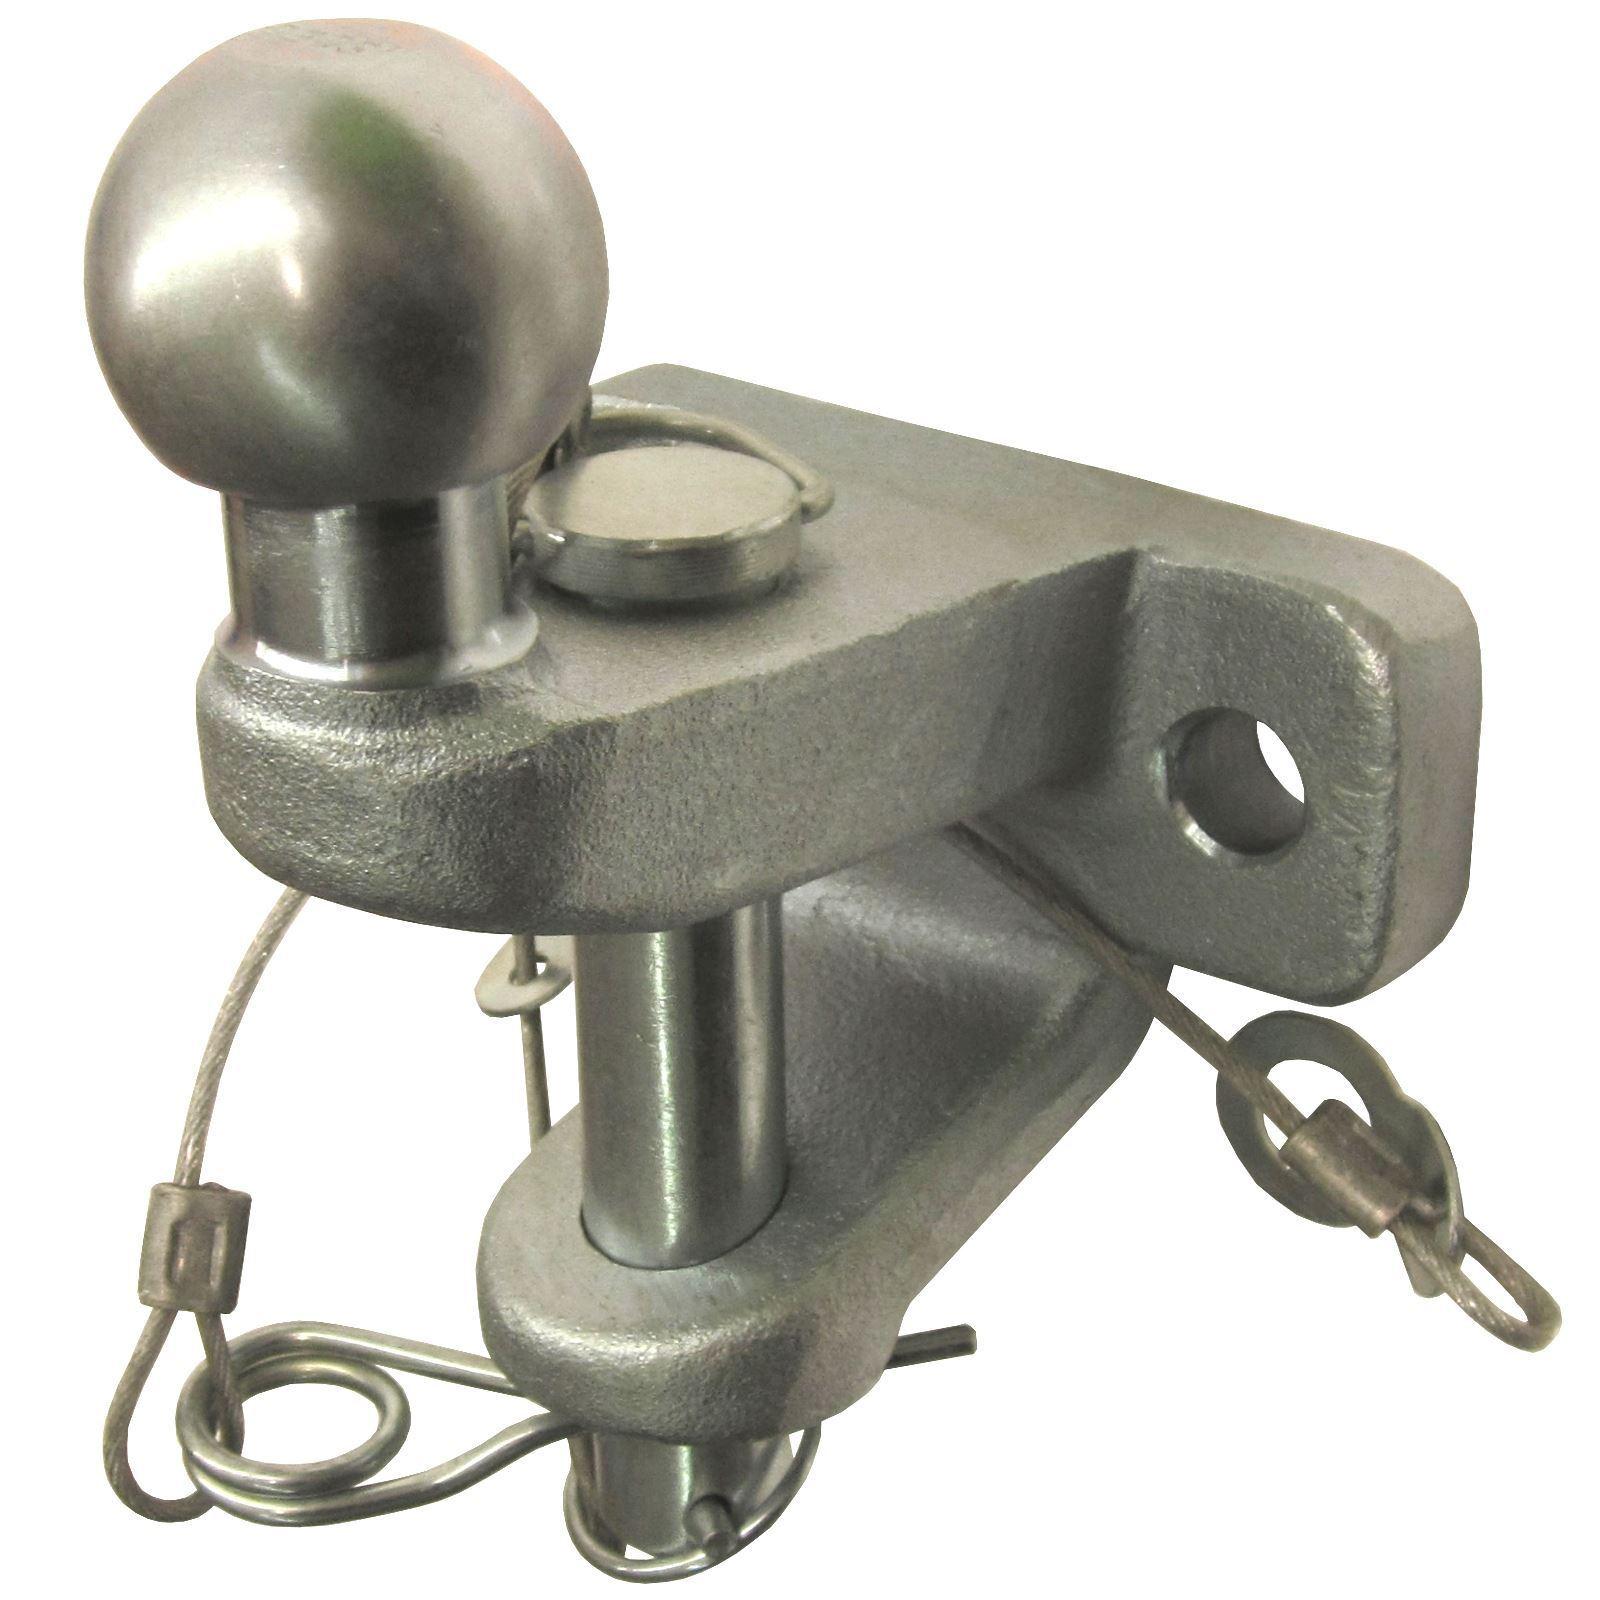 Acero Acero Acero Forjado 50mm remolque de enganche de bola y Pin Barras de acoplamiento para remolque TR036 e0284e